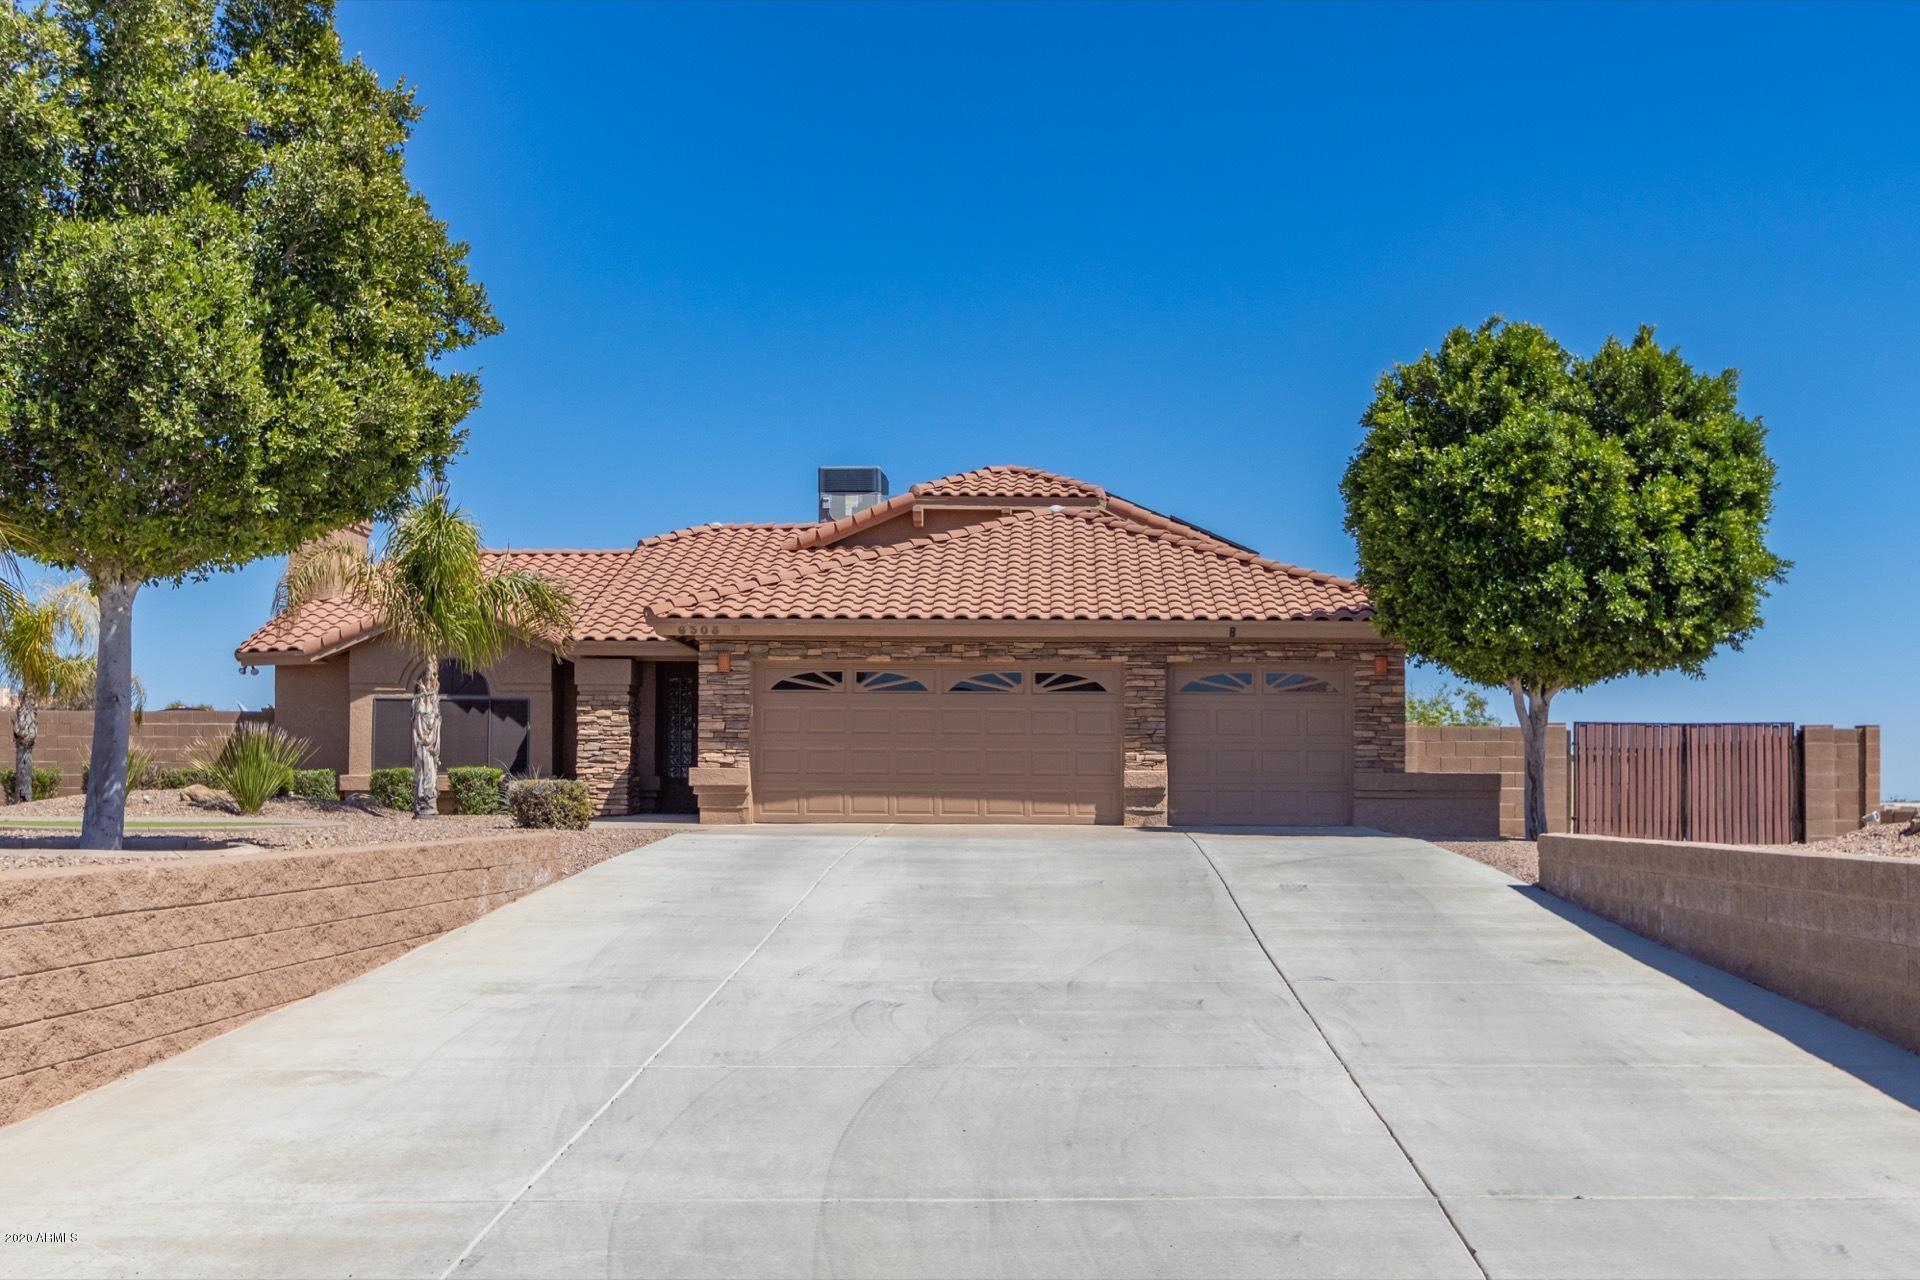 Photo of 6303 N 127TH Avenue, Litchfield Park, AZ 85340